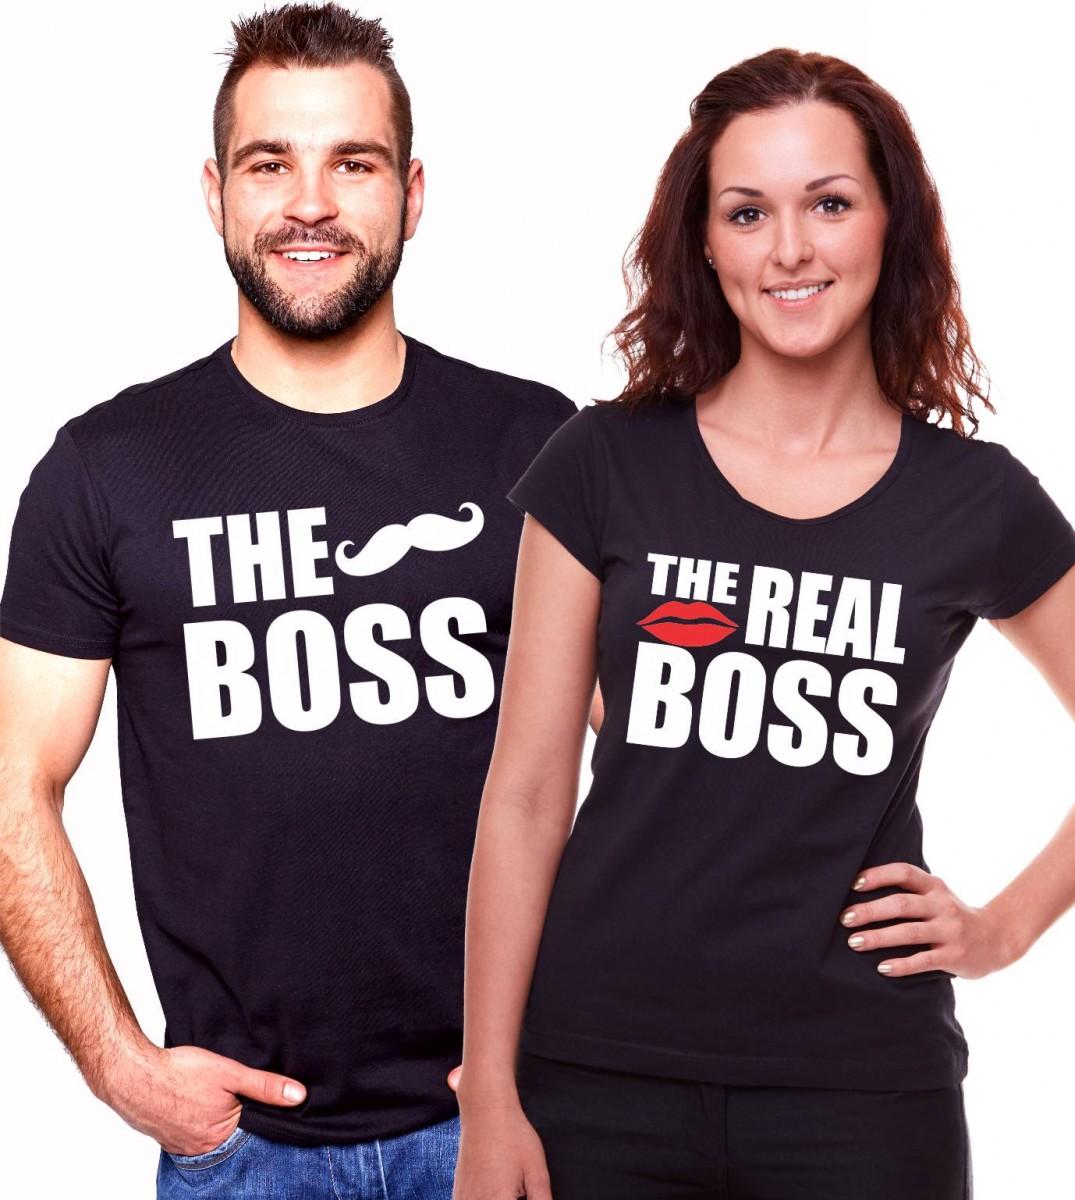 05c167ab5fcf Trička pro páry - The Boss The Real Boss valentínska trička ...